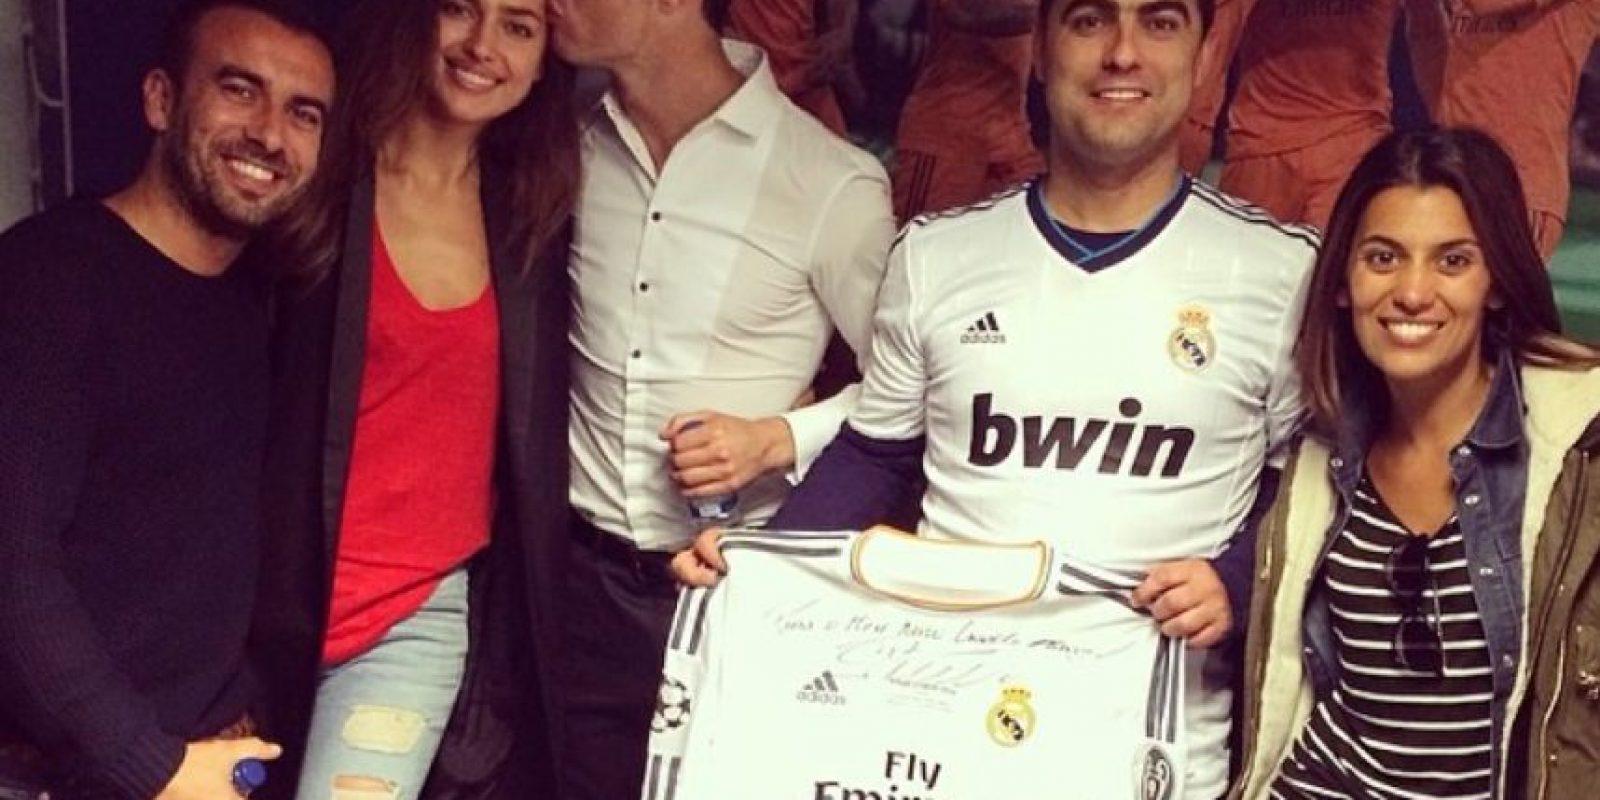 El festejo de Irina, Cristiano y sus amigos por la décima Champions del Real Madrid. Foto:instagram.com/irinashayk